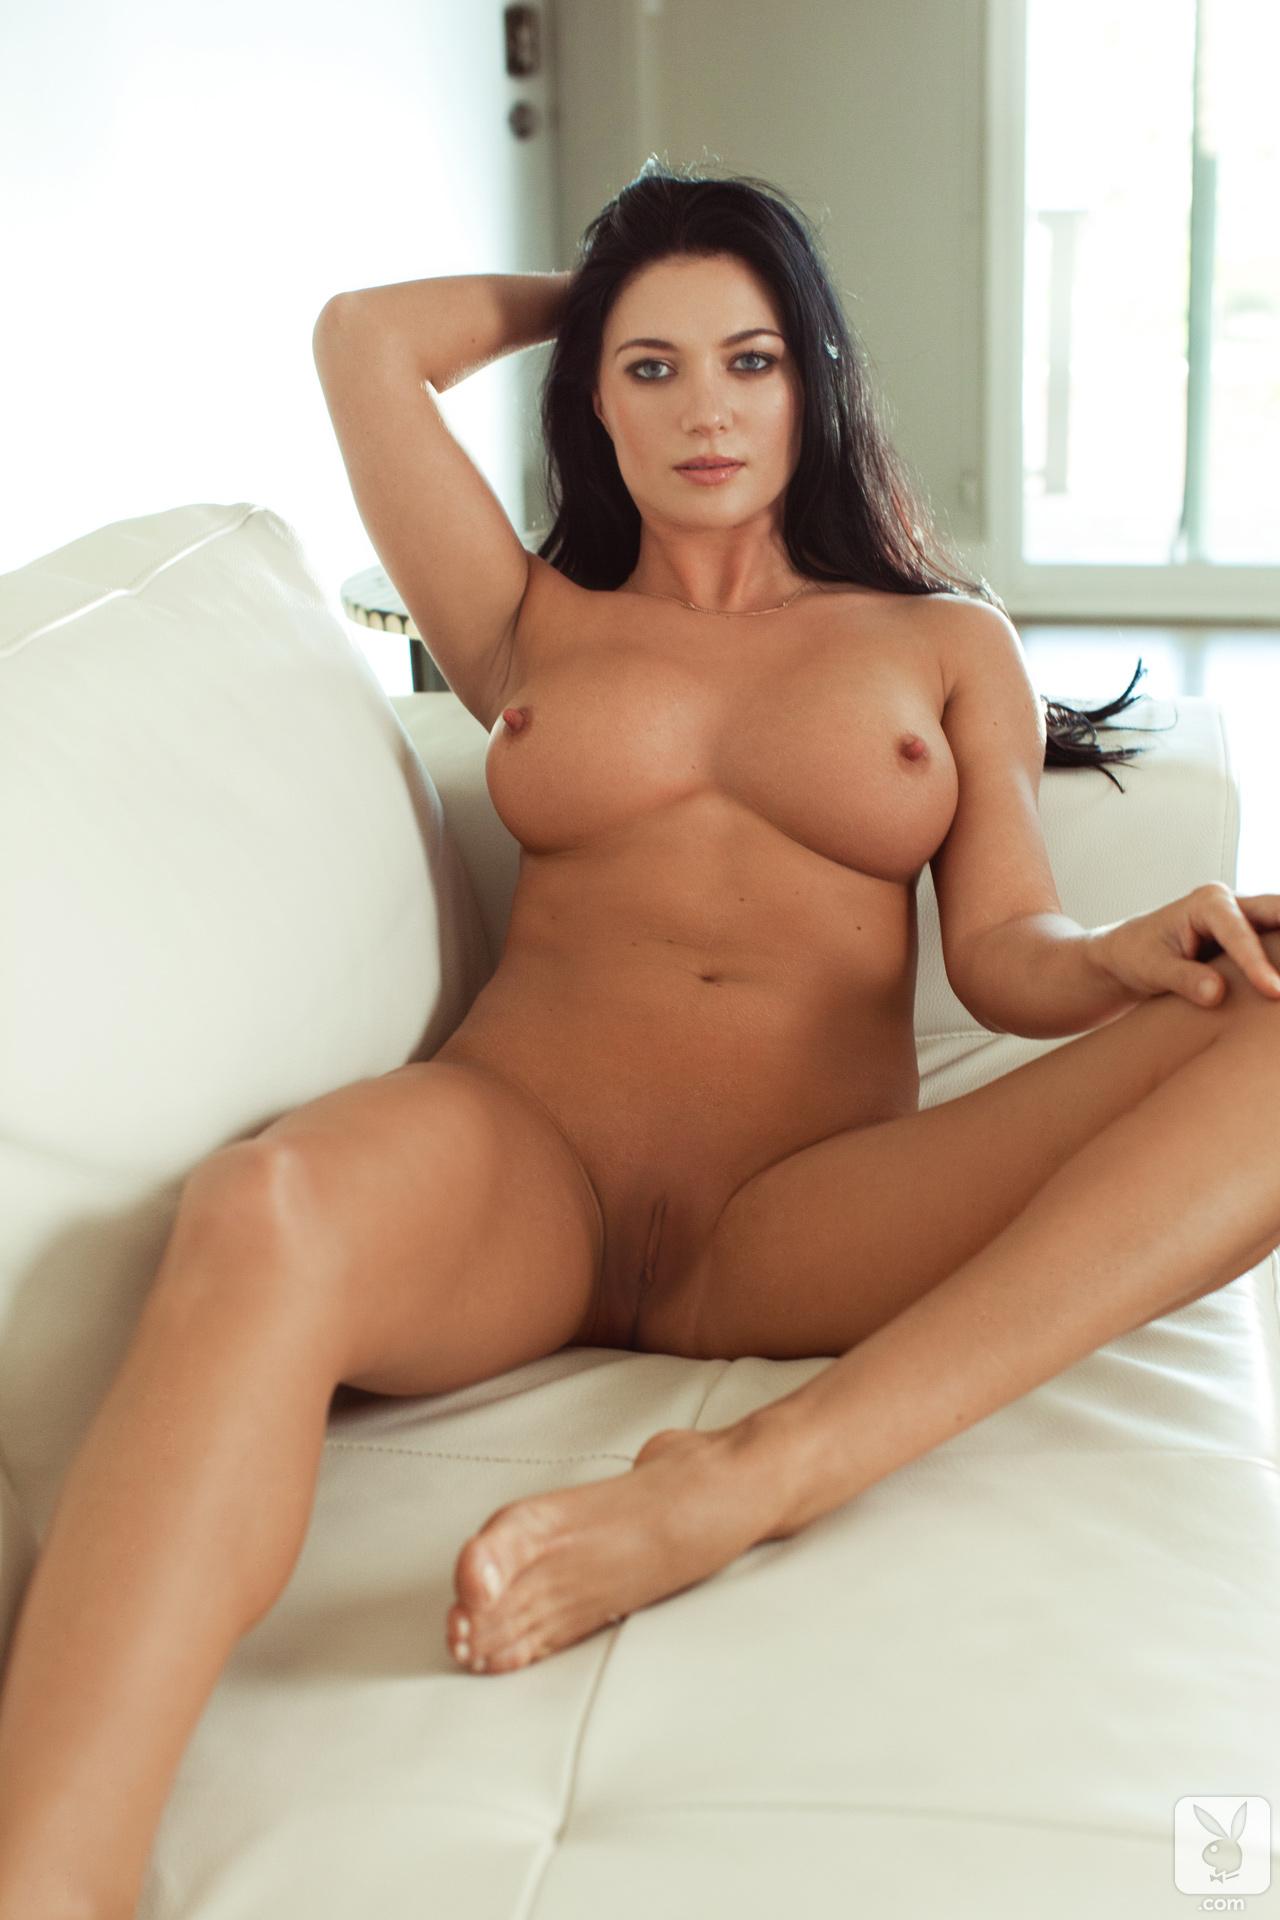 Смотреть порно с жаркой брюнеткой 22 фотография